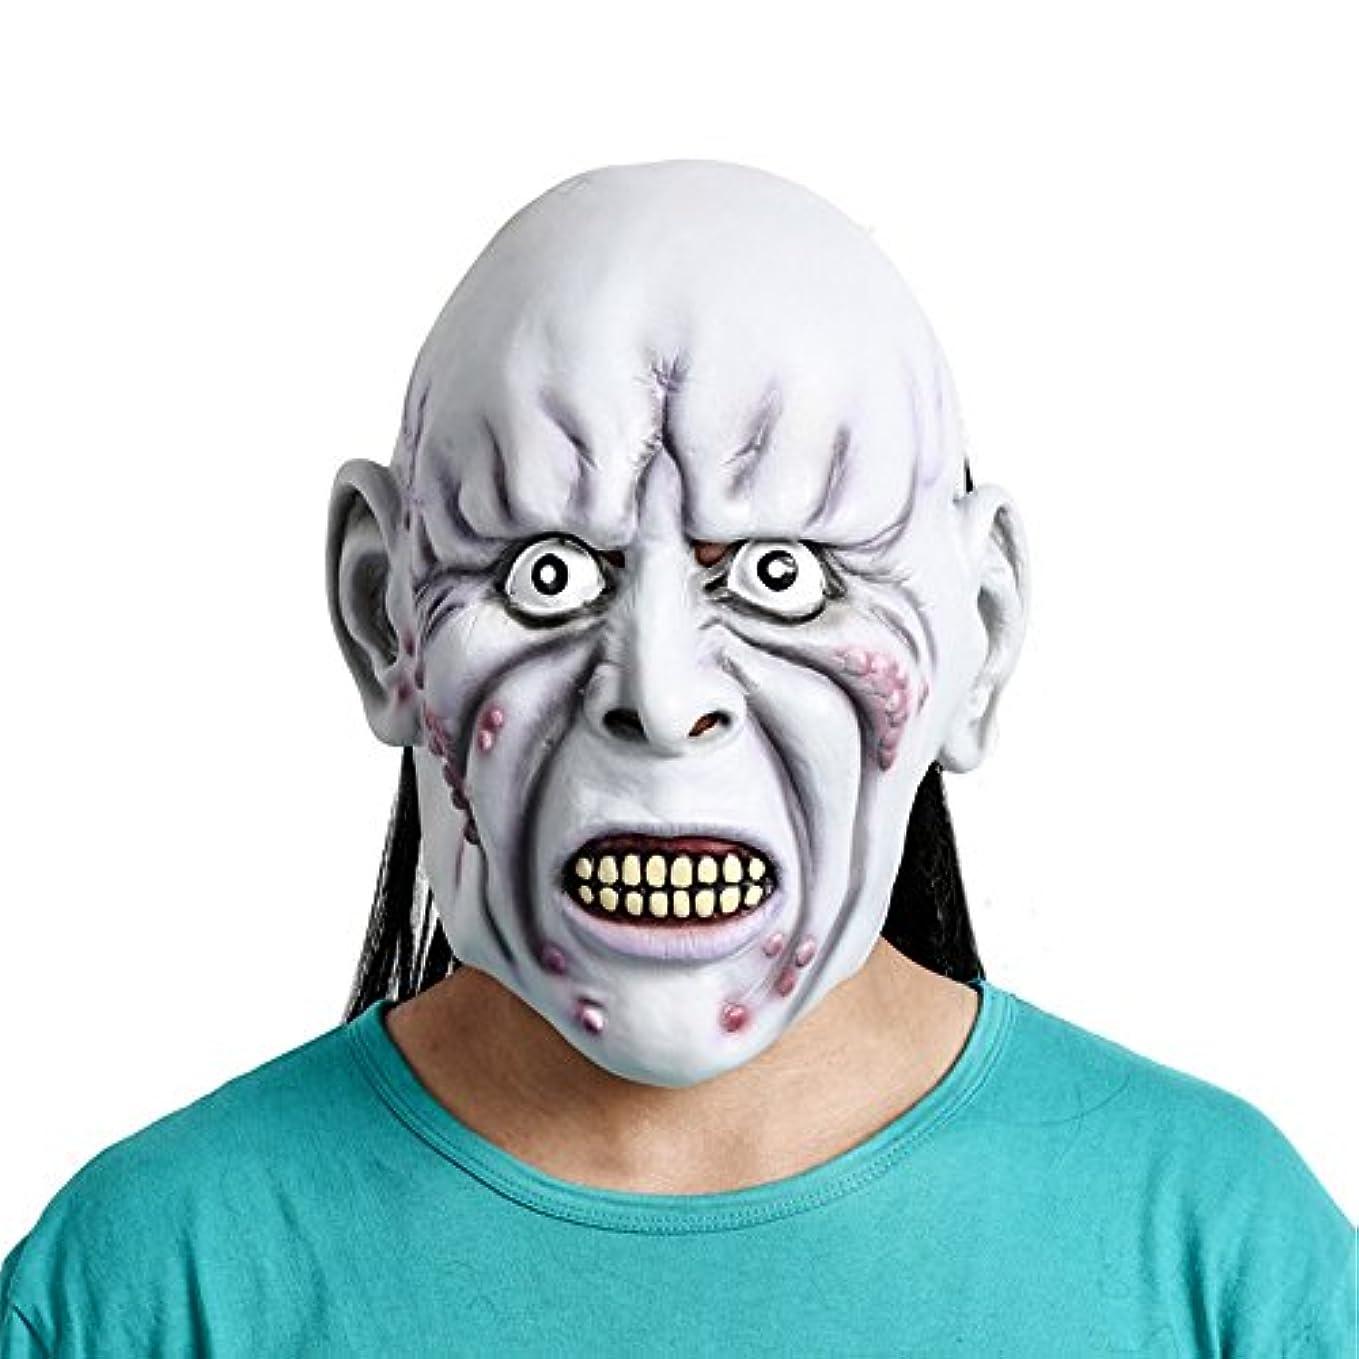 慈善羊の犯すハロウィンラテックスマスク/怖い魔女マスク/ストリップダンスパーティー怖いショー怖い小道具腐ったフェイスマスク